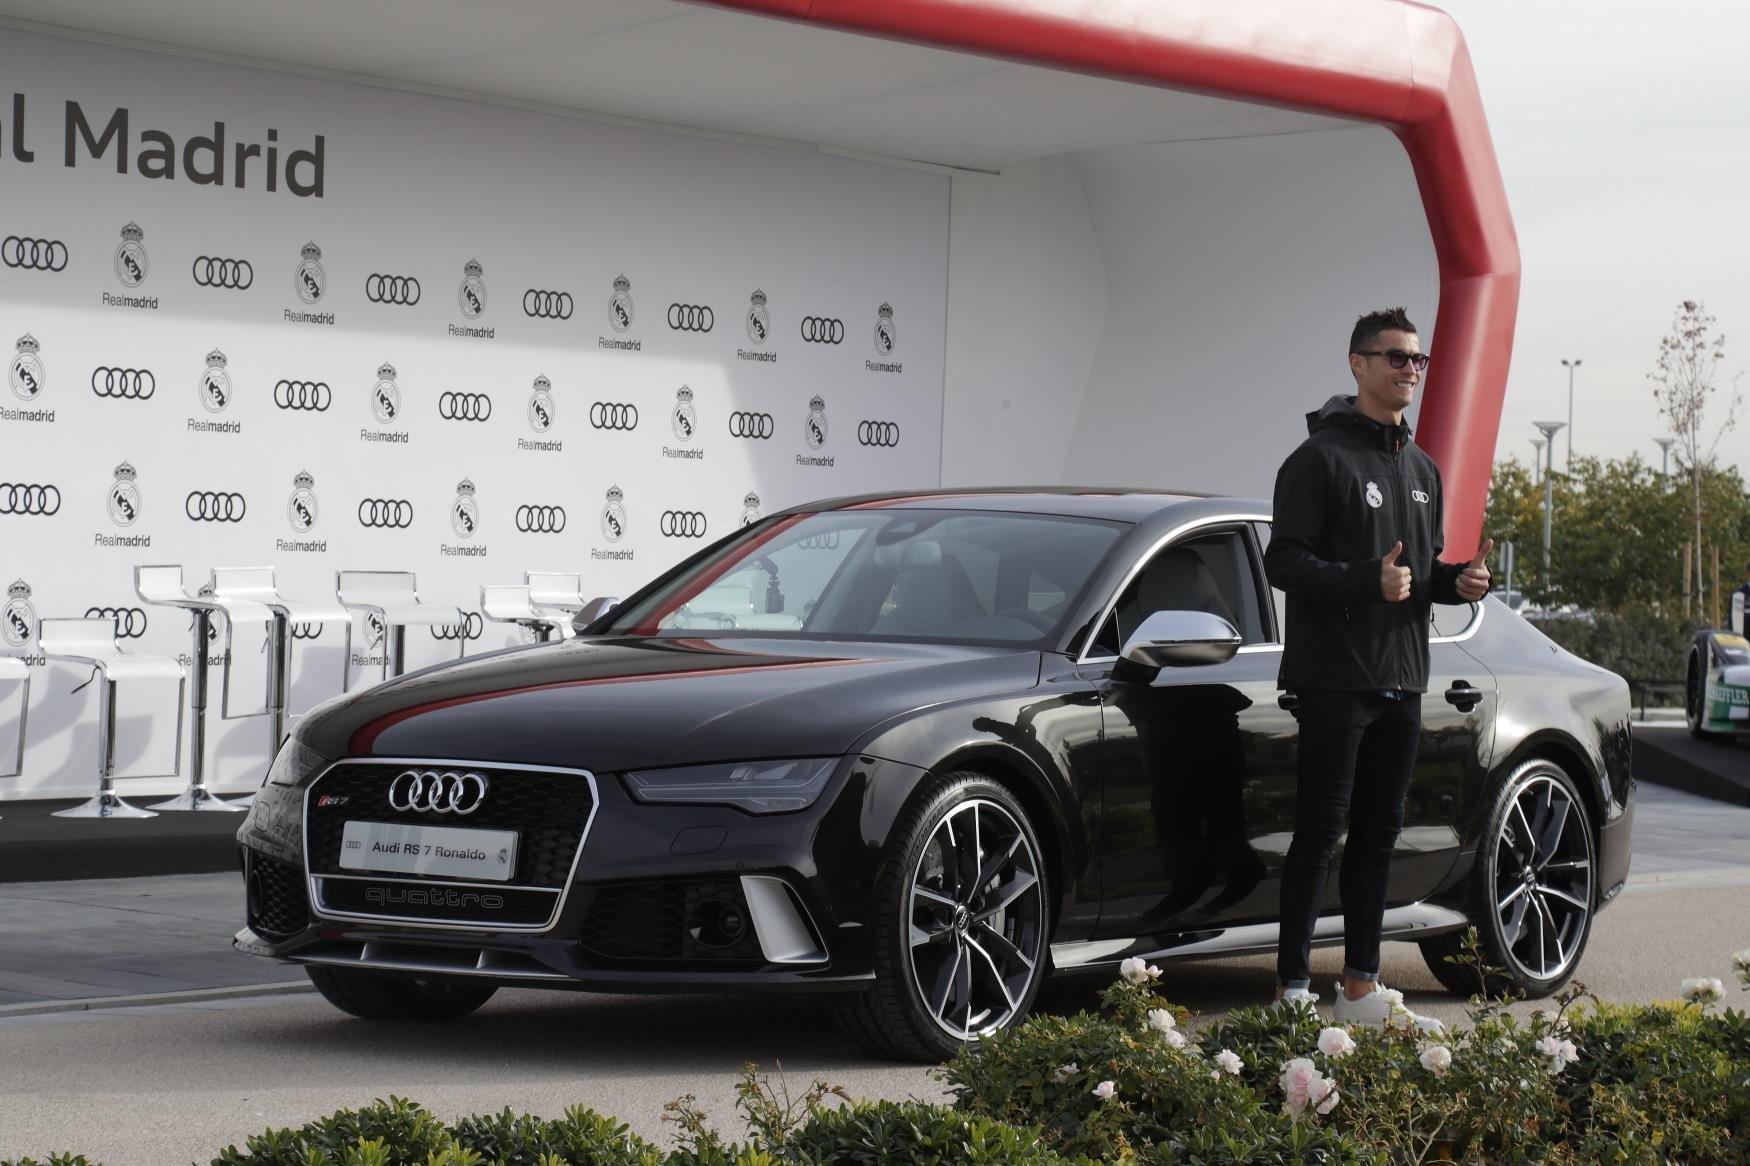 Cristiano Ronaldo Audi